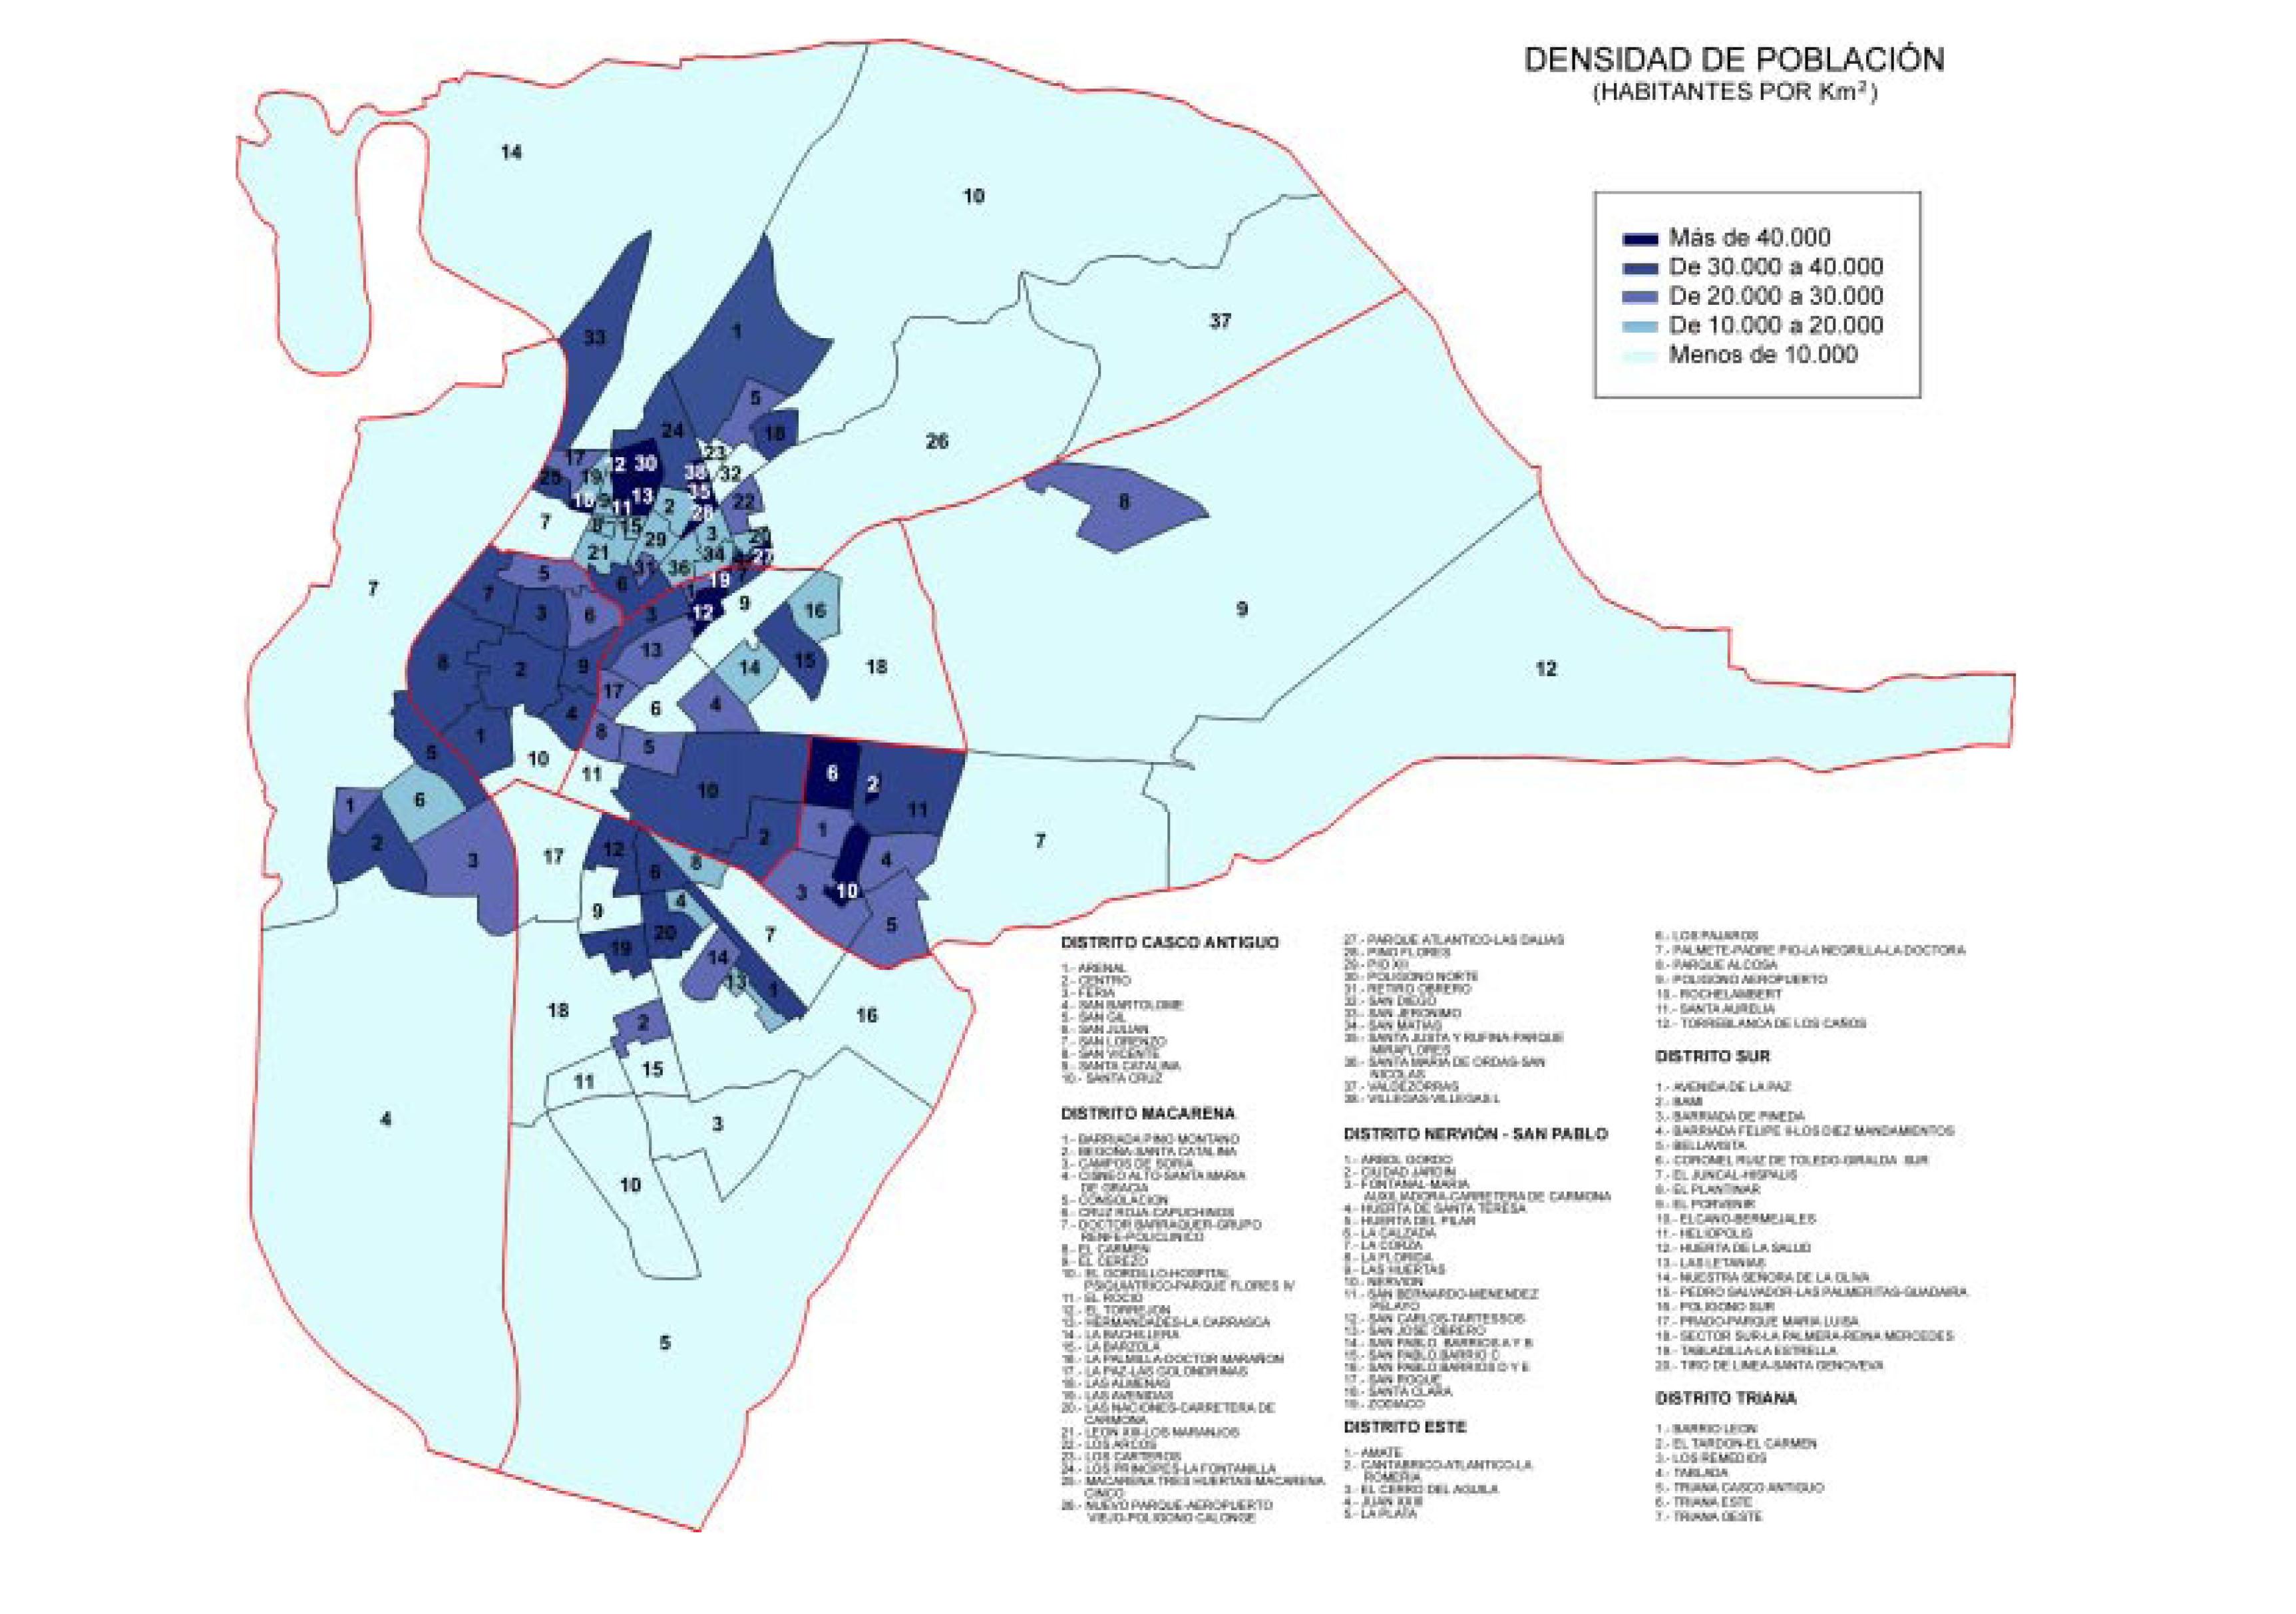 Seville population density 2000